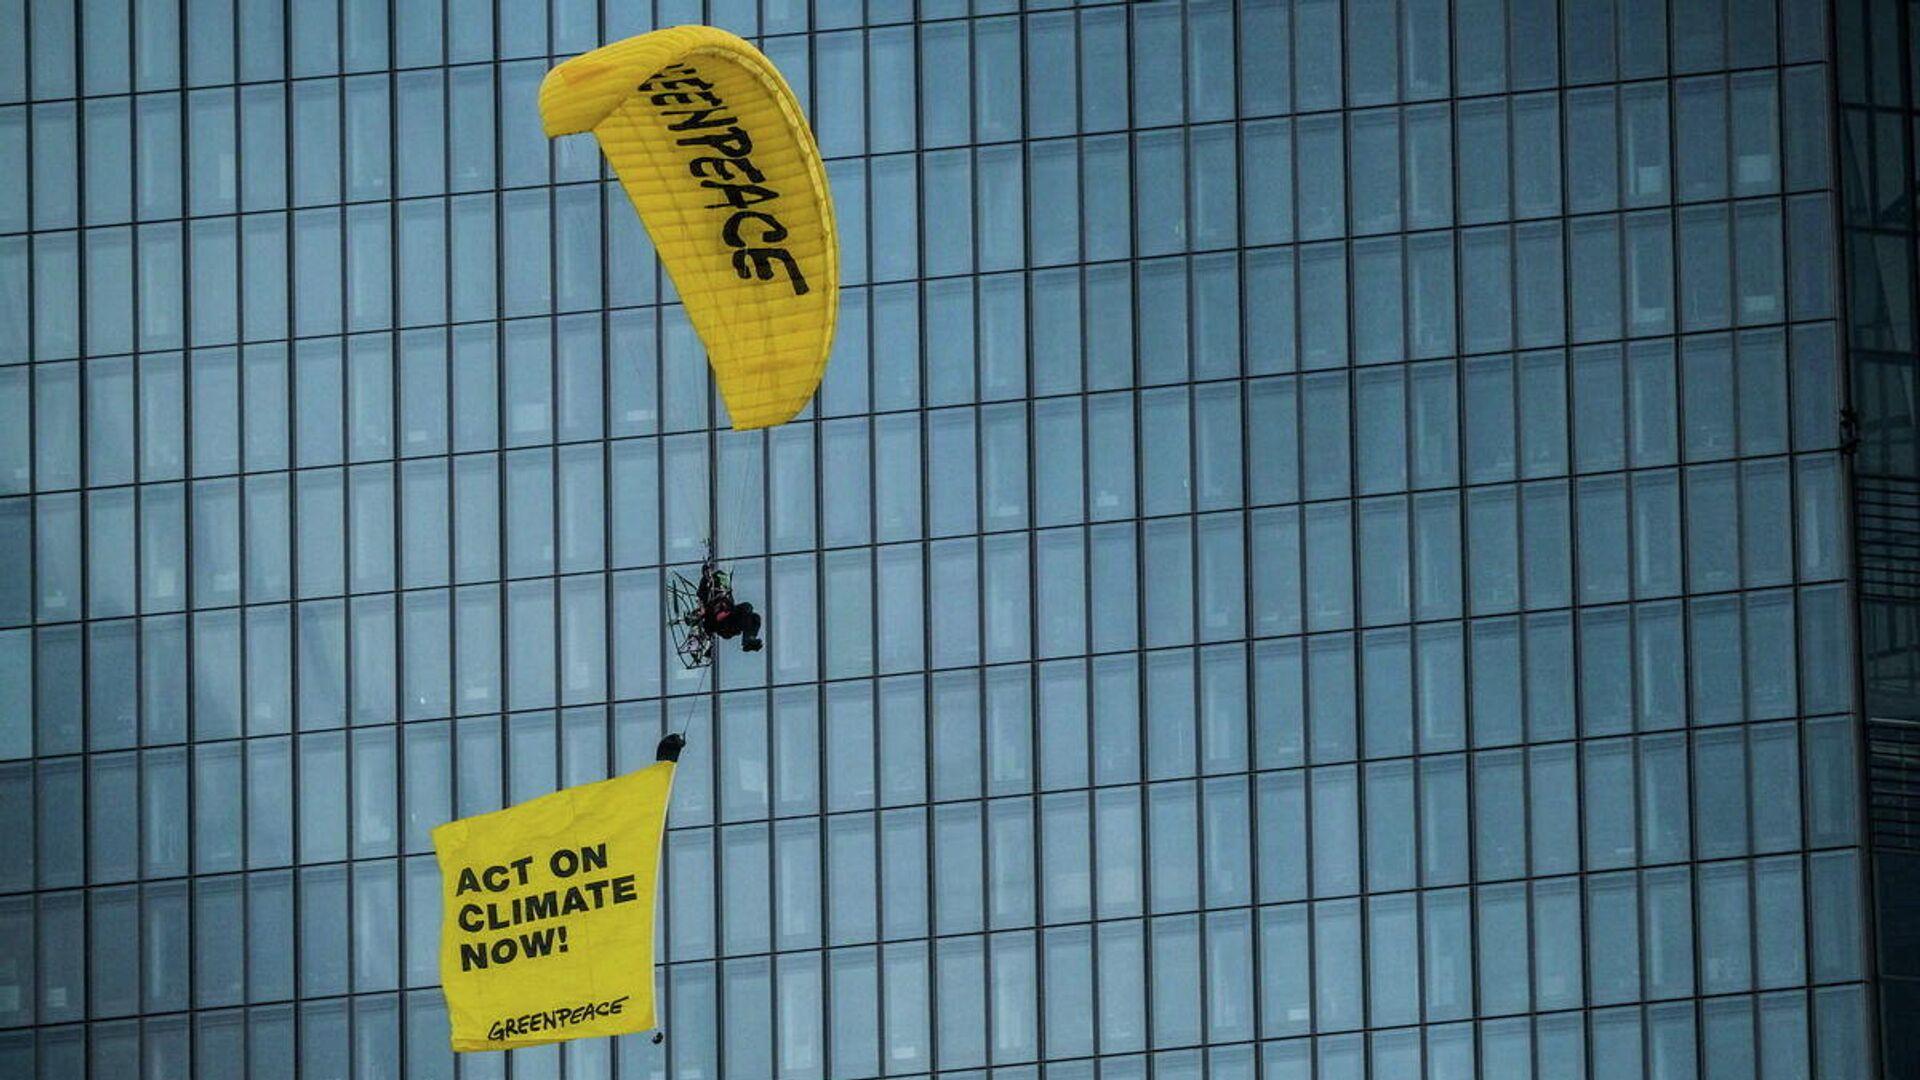 Activistas de Greenpeace en parapente cerca del edificio del Banco Central Europeo - Sputnik Mundo, 1920, 10.03.2021